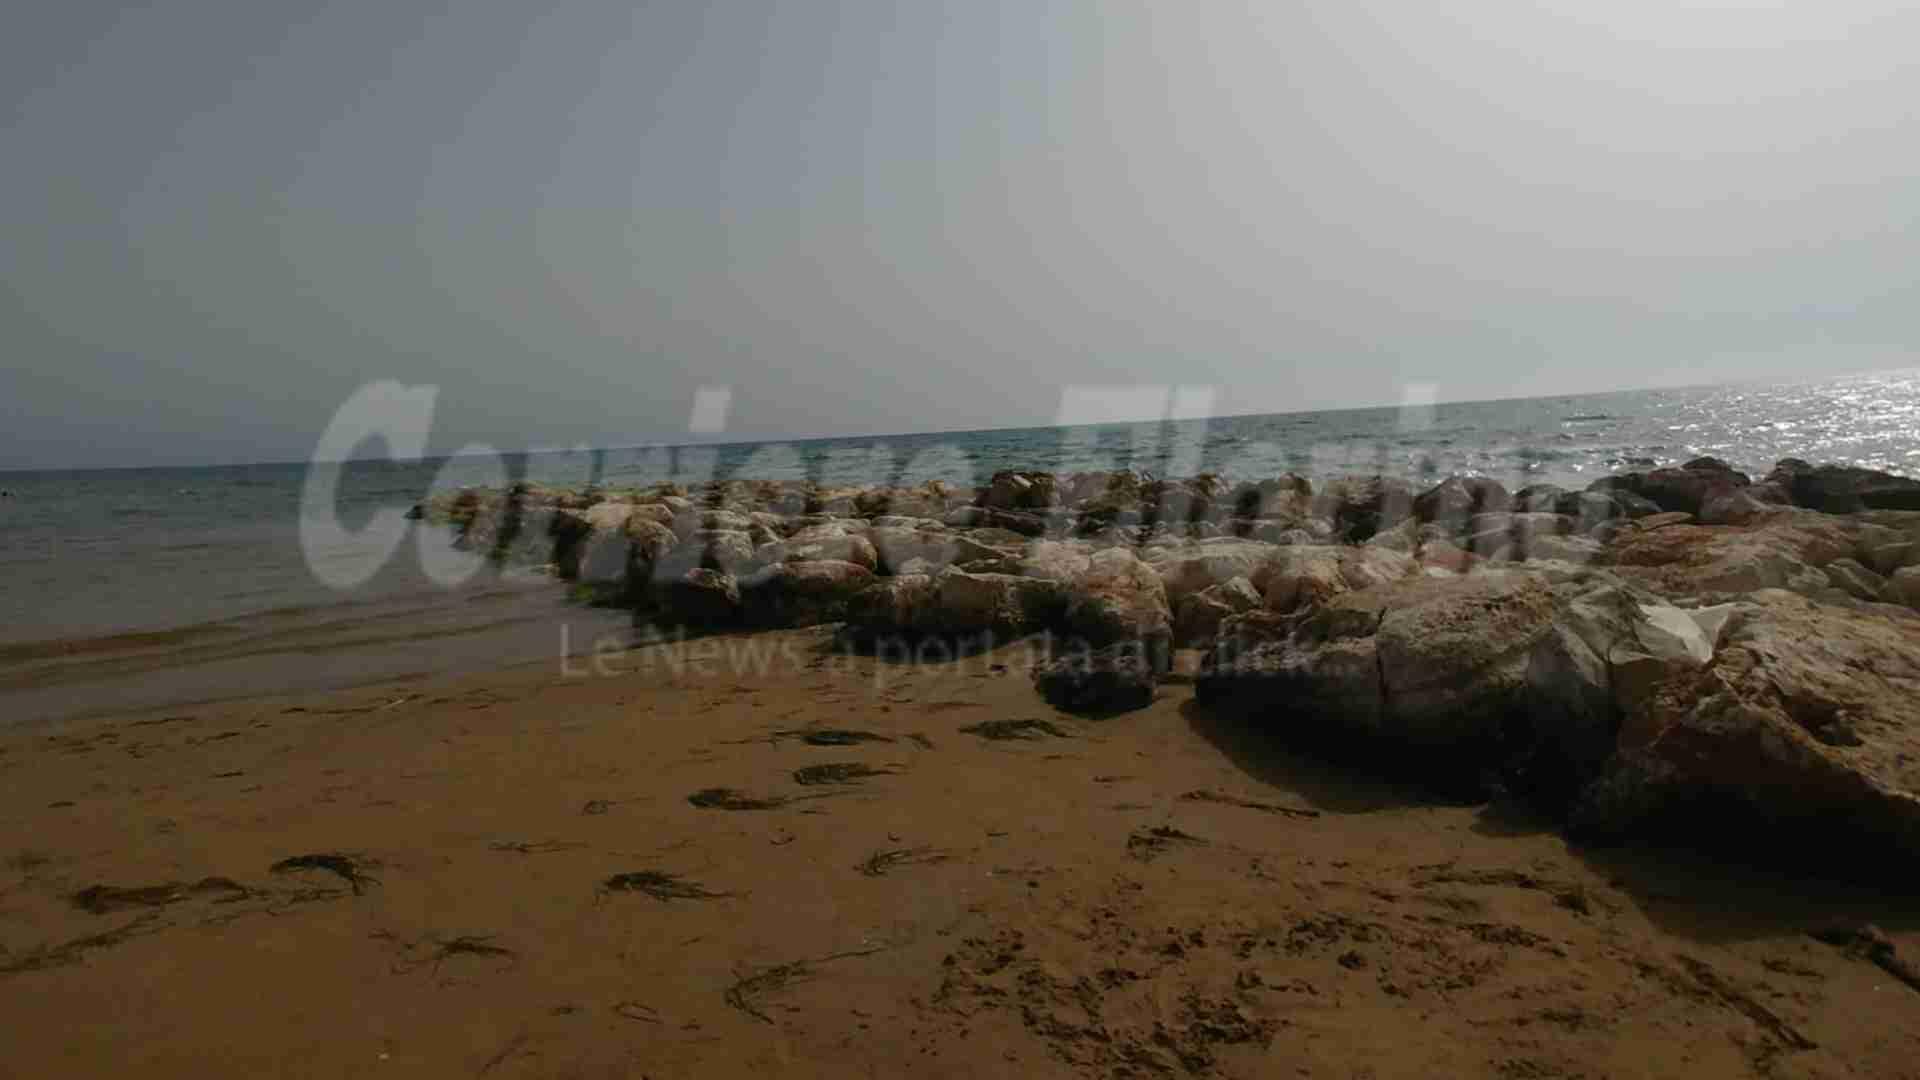 Ancora pericolo vicino i frangiflutti della Marza: altra tragedia scampata